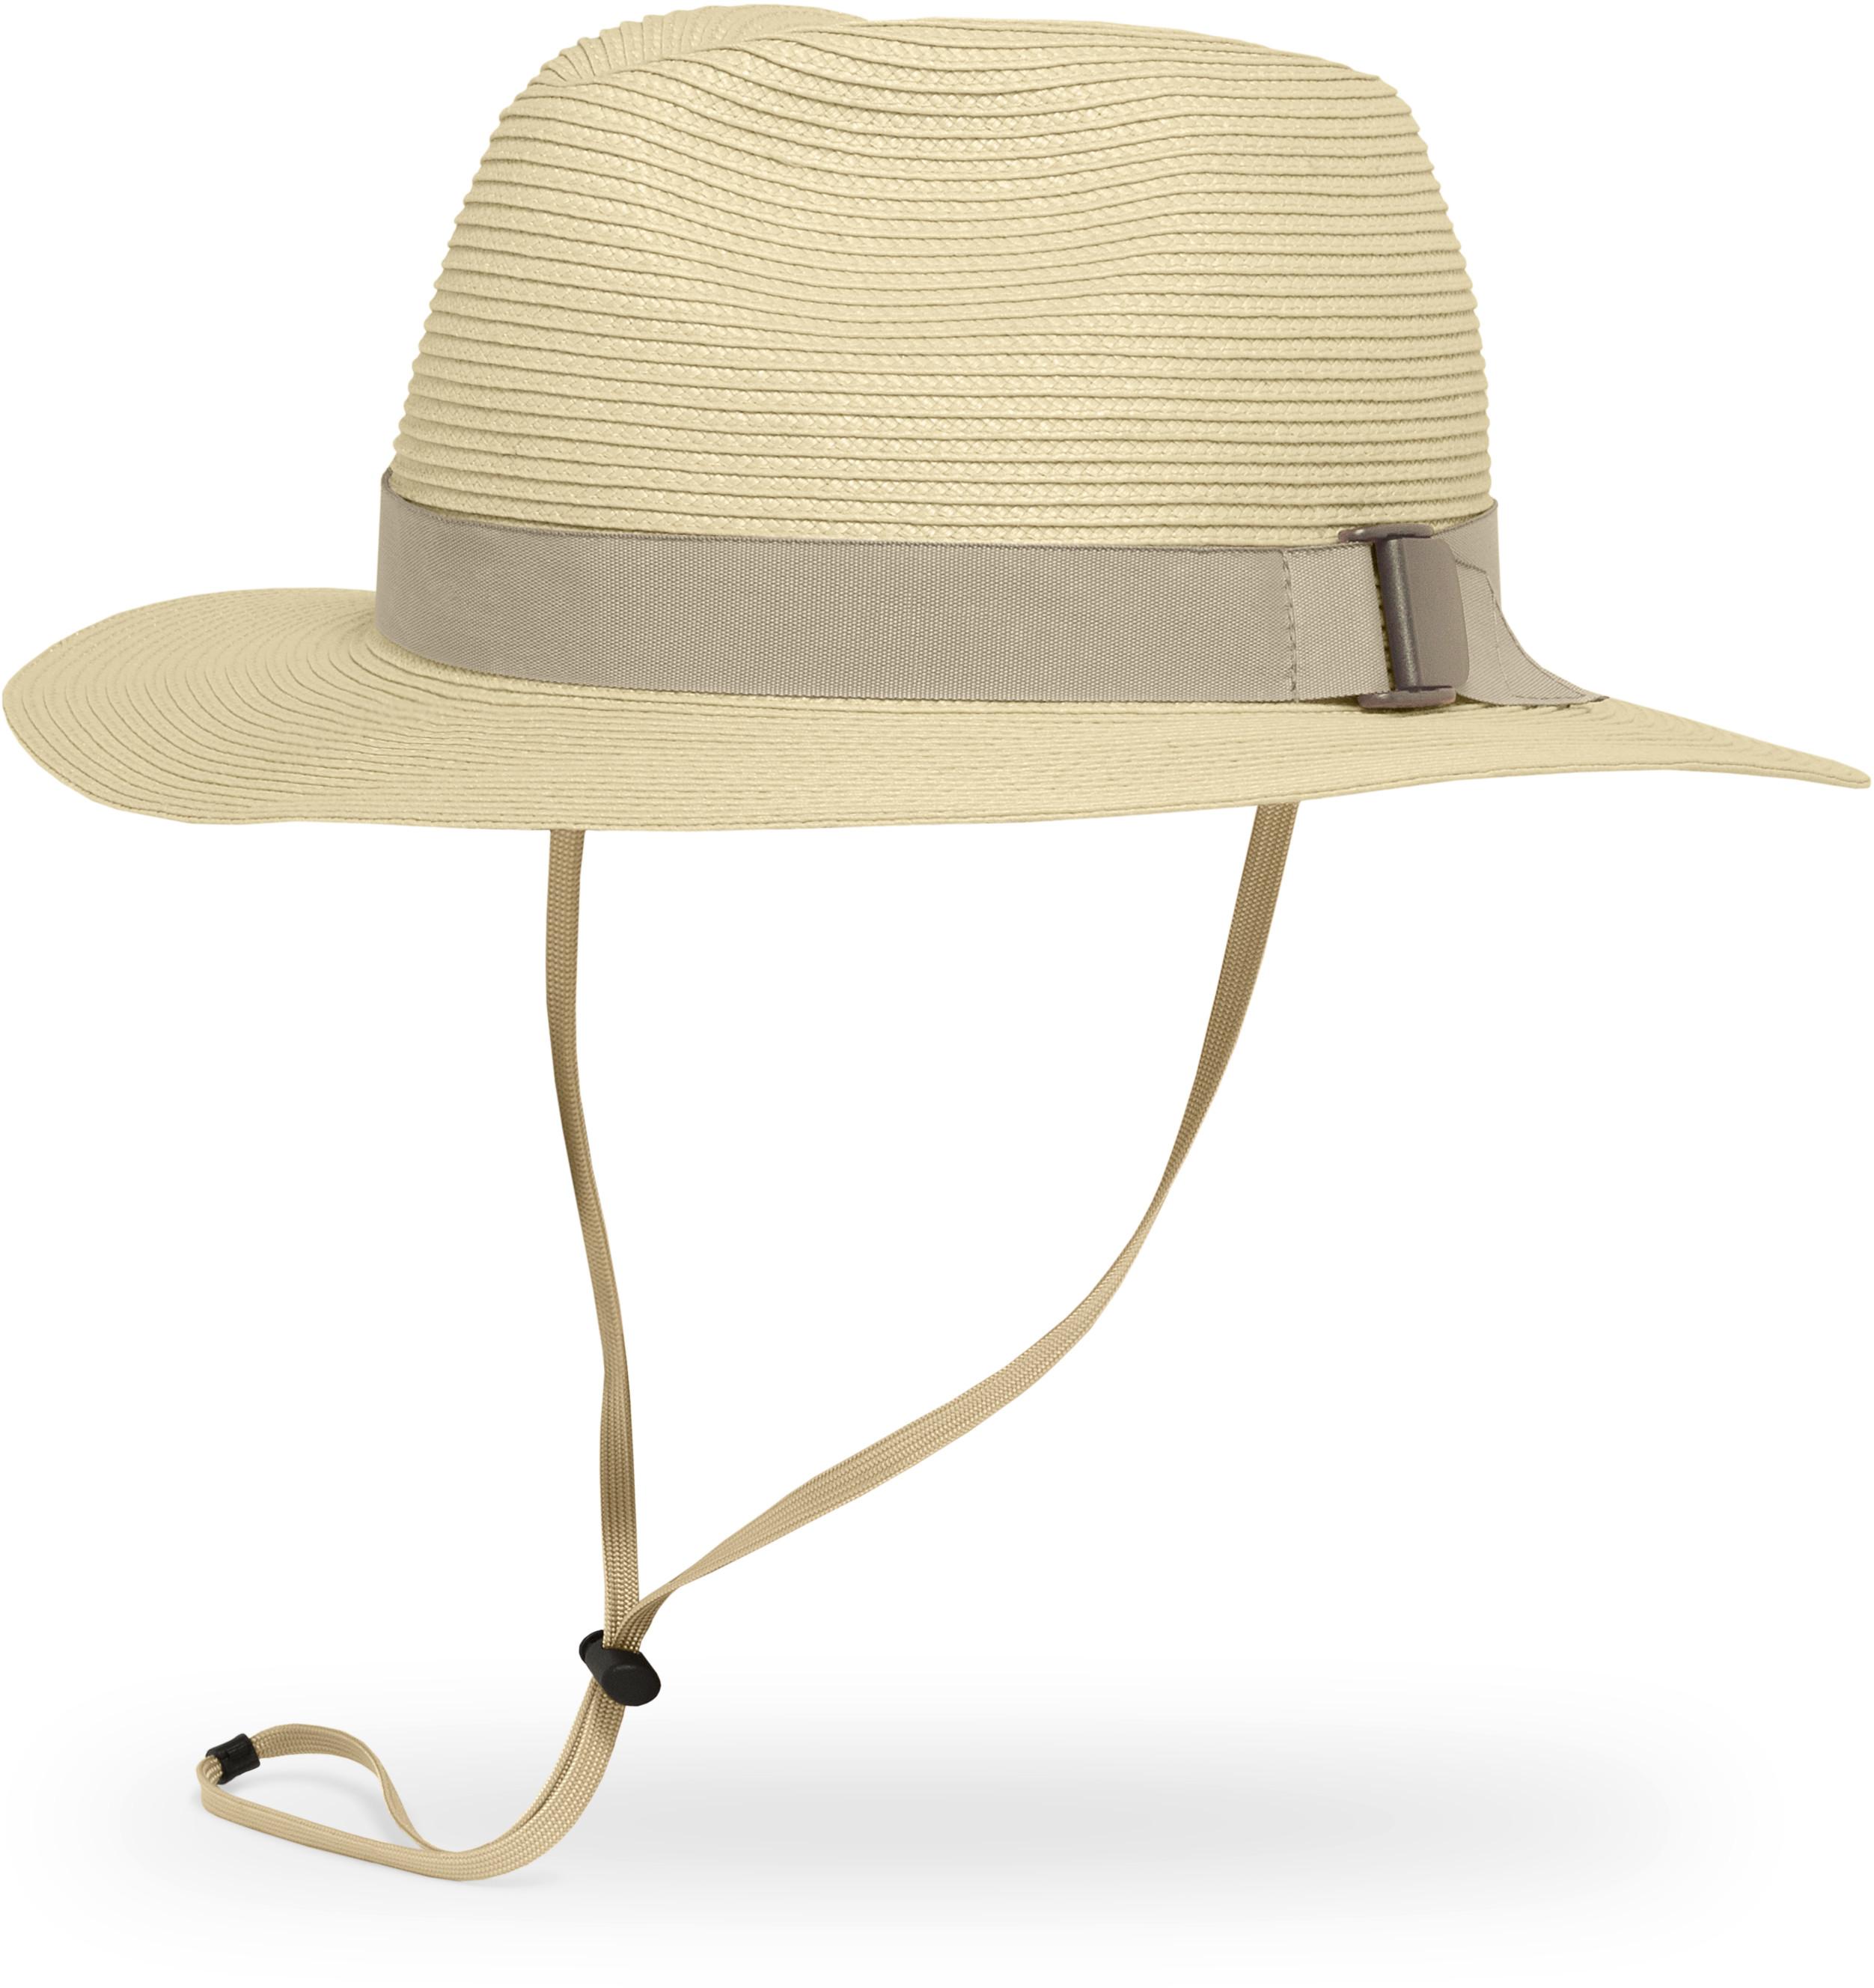 Sunday Afternoons Excursion Hat - Men s 0c6d85d6673c